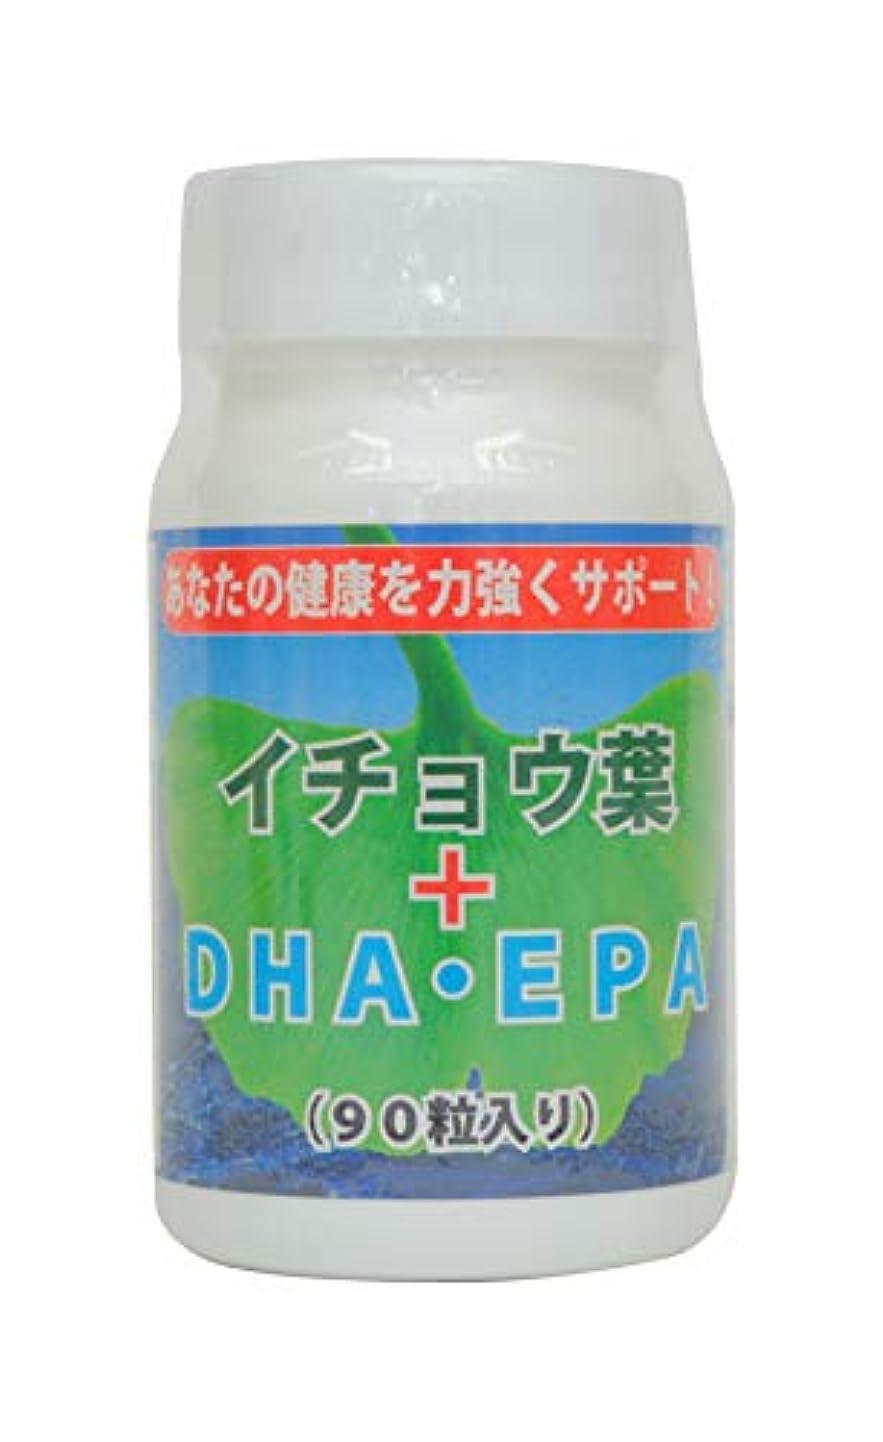 小売品種苦しめる万成酵素 イチョウ葉 + DHA EPA 90粒入り サプリメント